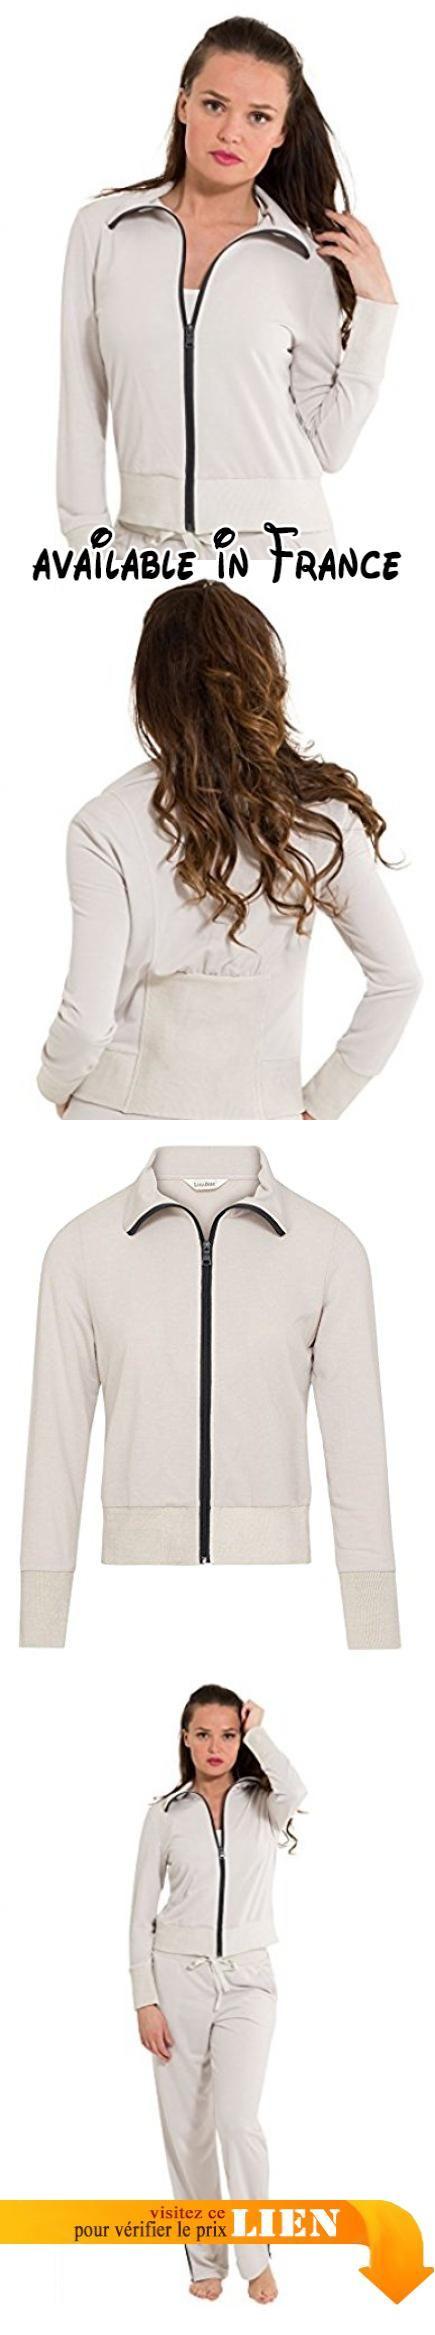 LingaDore 2847- Women's Workout Grey Pajama Jacket Pyjama Top Medium. Relaxez-vous avec style vêtue de cette veste.. Fermeture éclair sur le devant et col retourné.. Poignets élastiques, ourlet et détails au dos.. Associez-le avec le bas assorti pour compléter le look. #Apparel #SLEEPWEAR